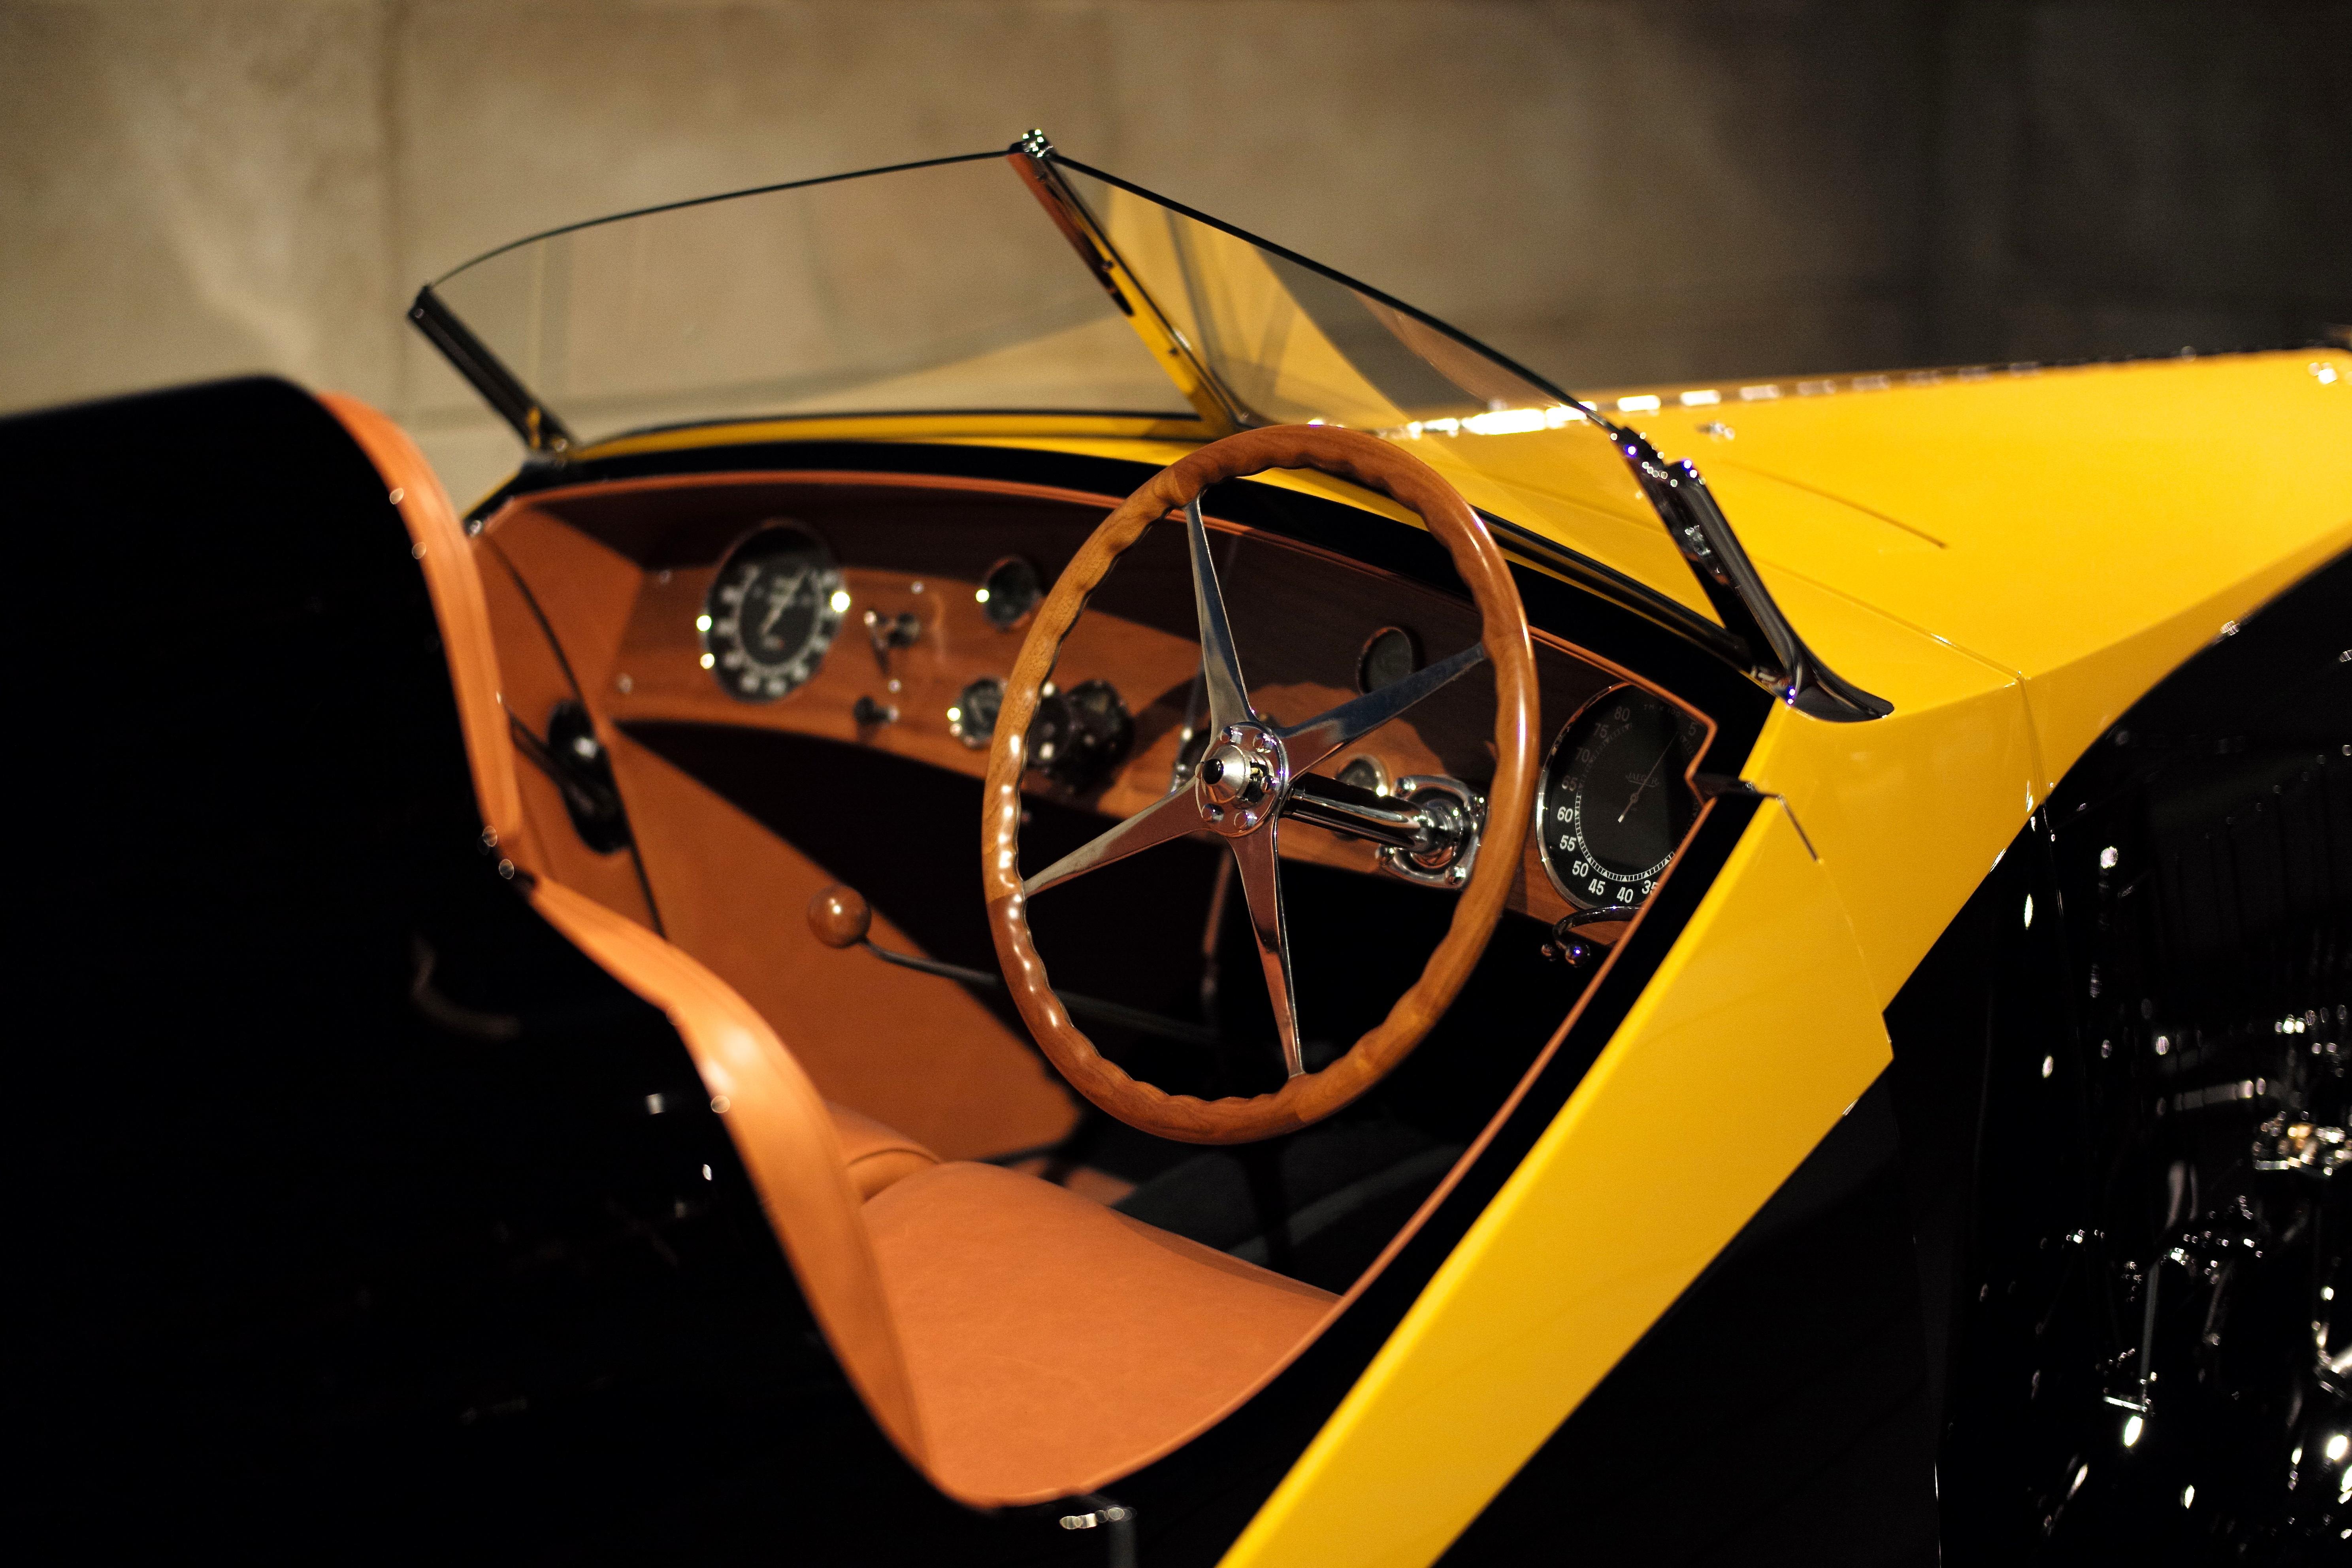 gratis afbeeldingen bokeh hout leer wijnoogst wiel auto stoel interieur europa voertuig museum verf zwart geel dashboard cockpit